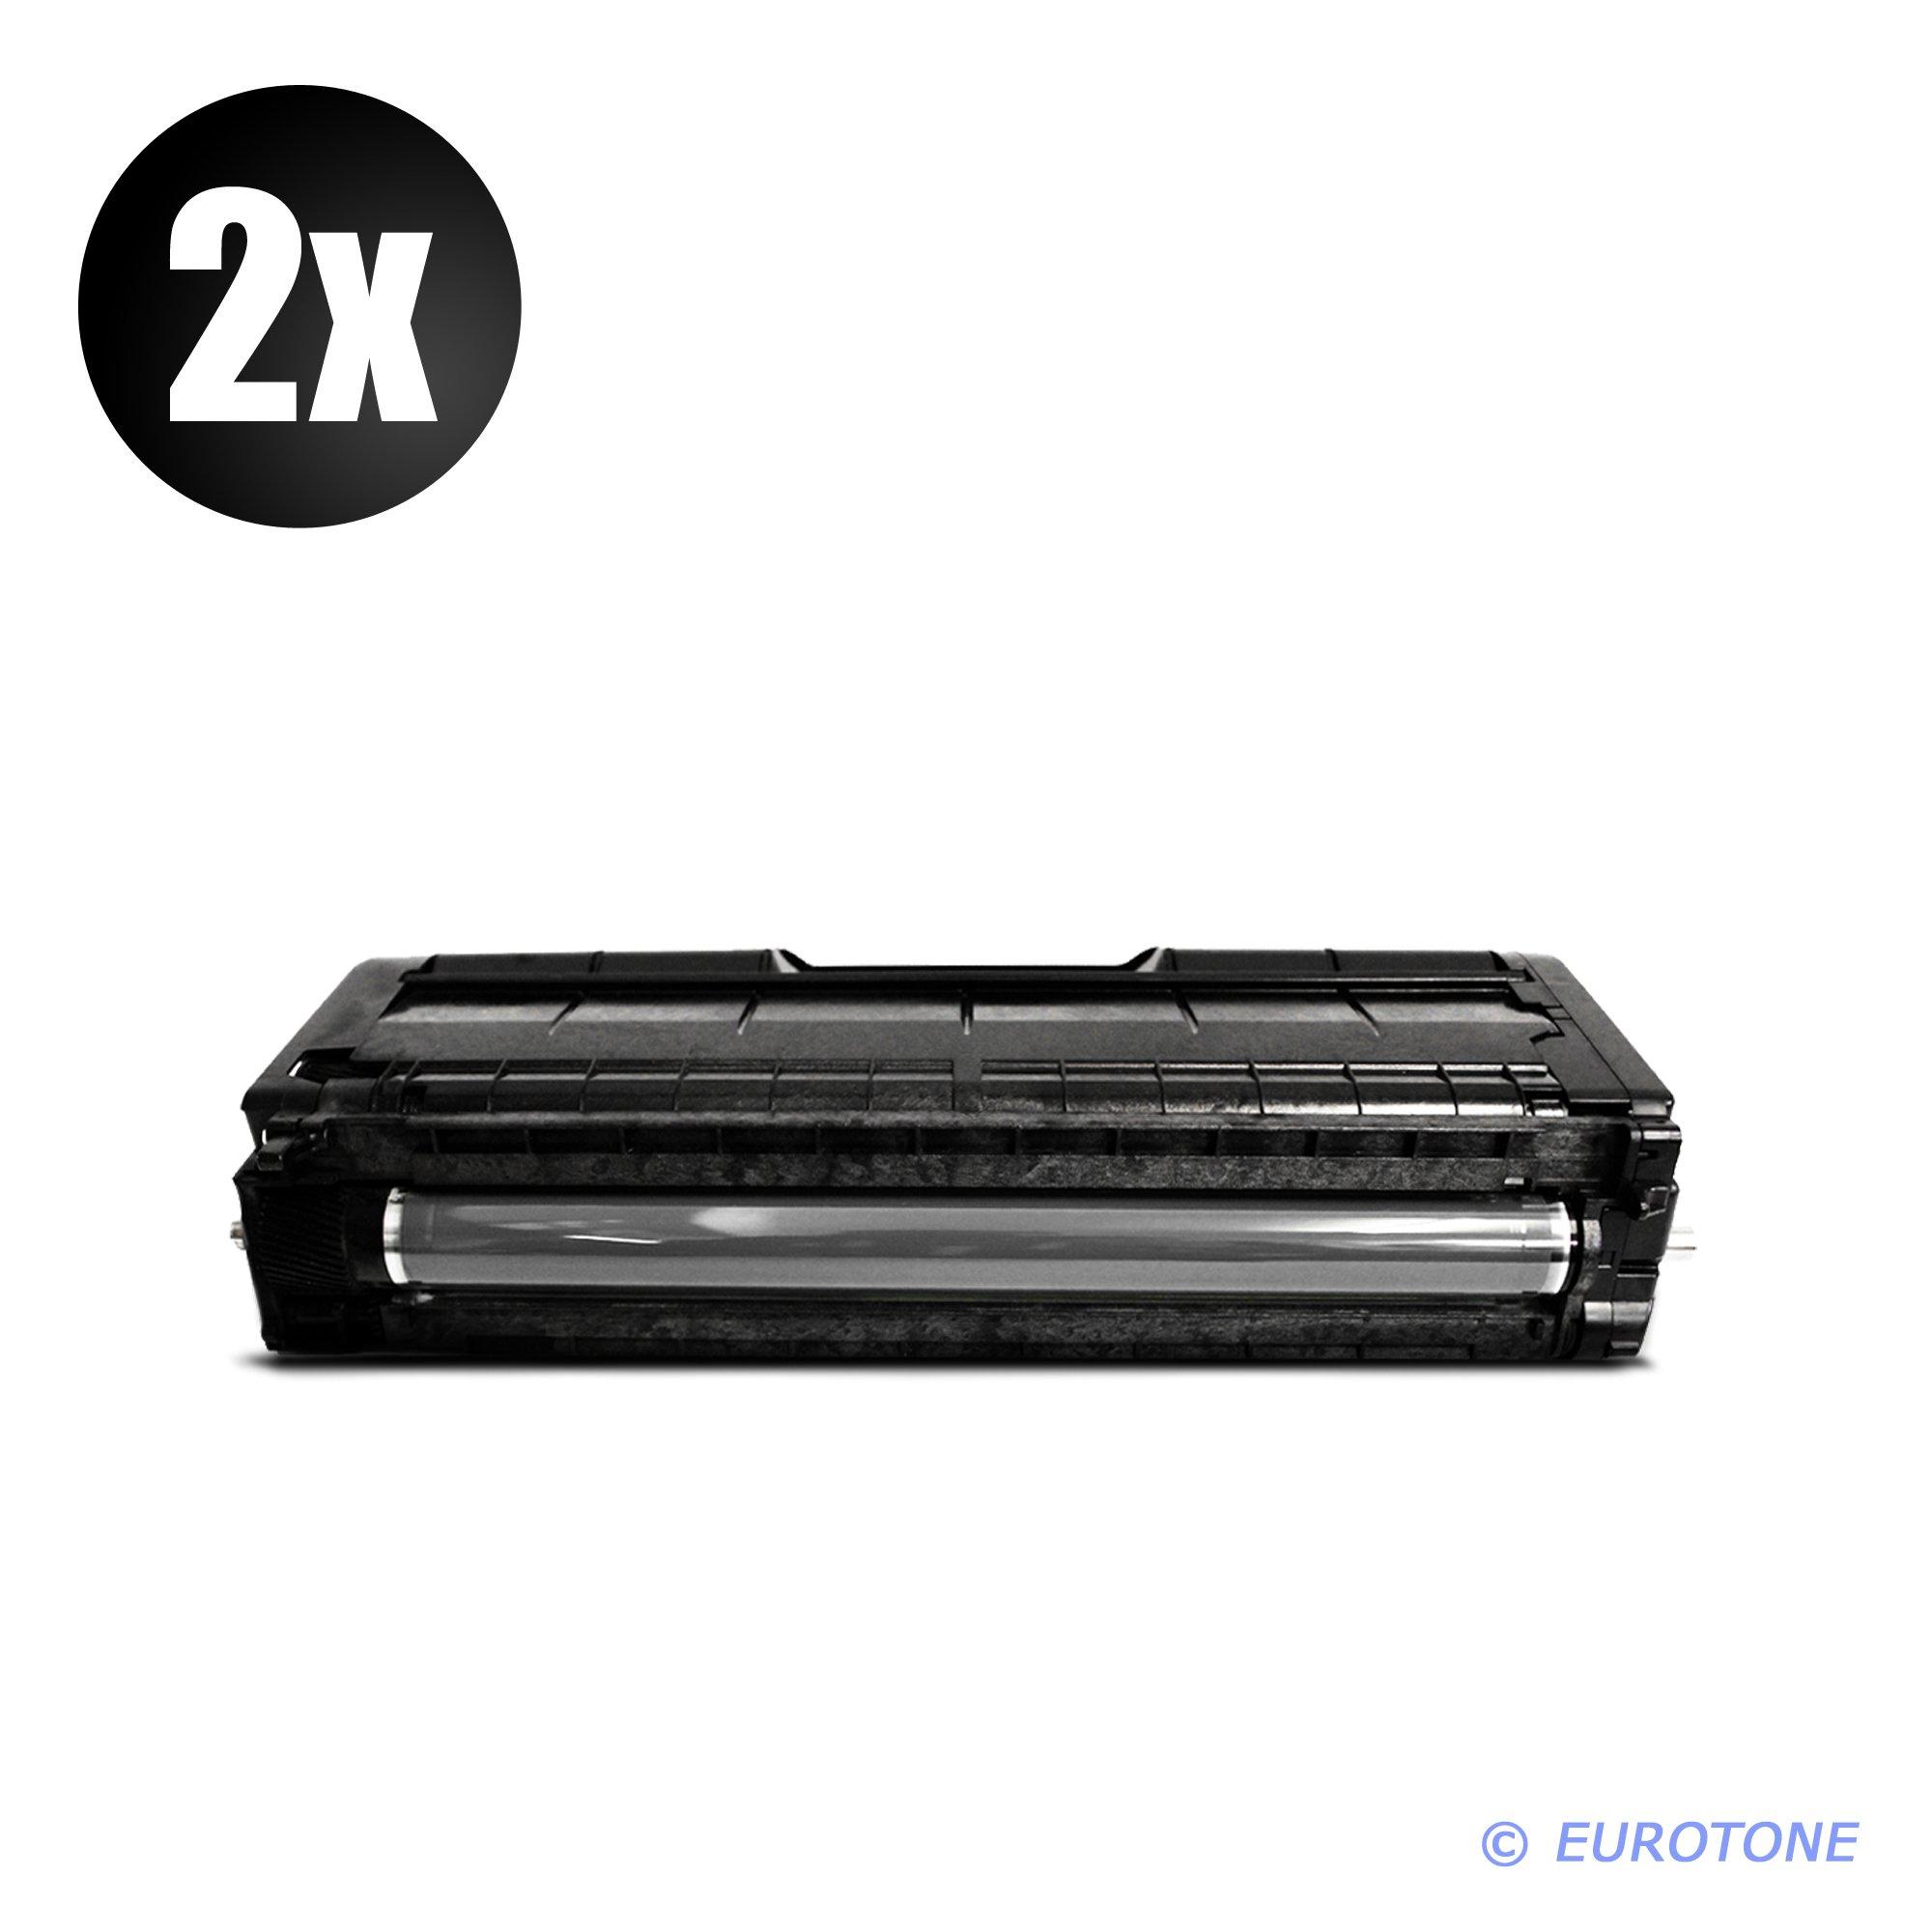 Eurotone-Toner-Cartridges-fr-Ricoh-Aficio-SP-C250SF-SP-C250DN-Parent